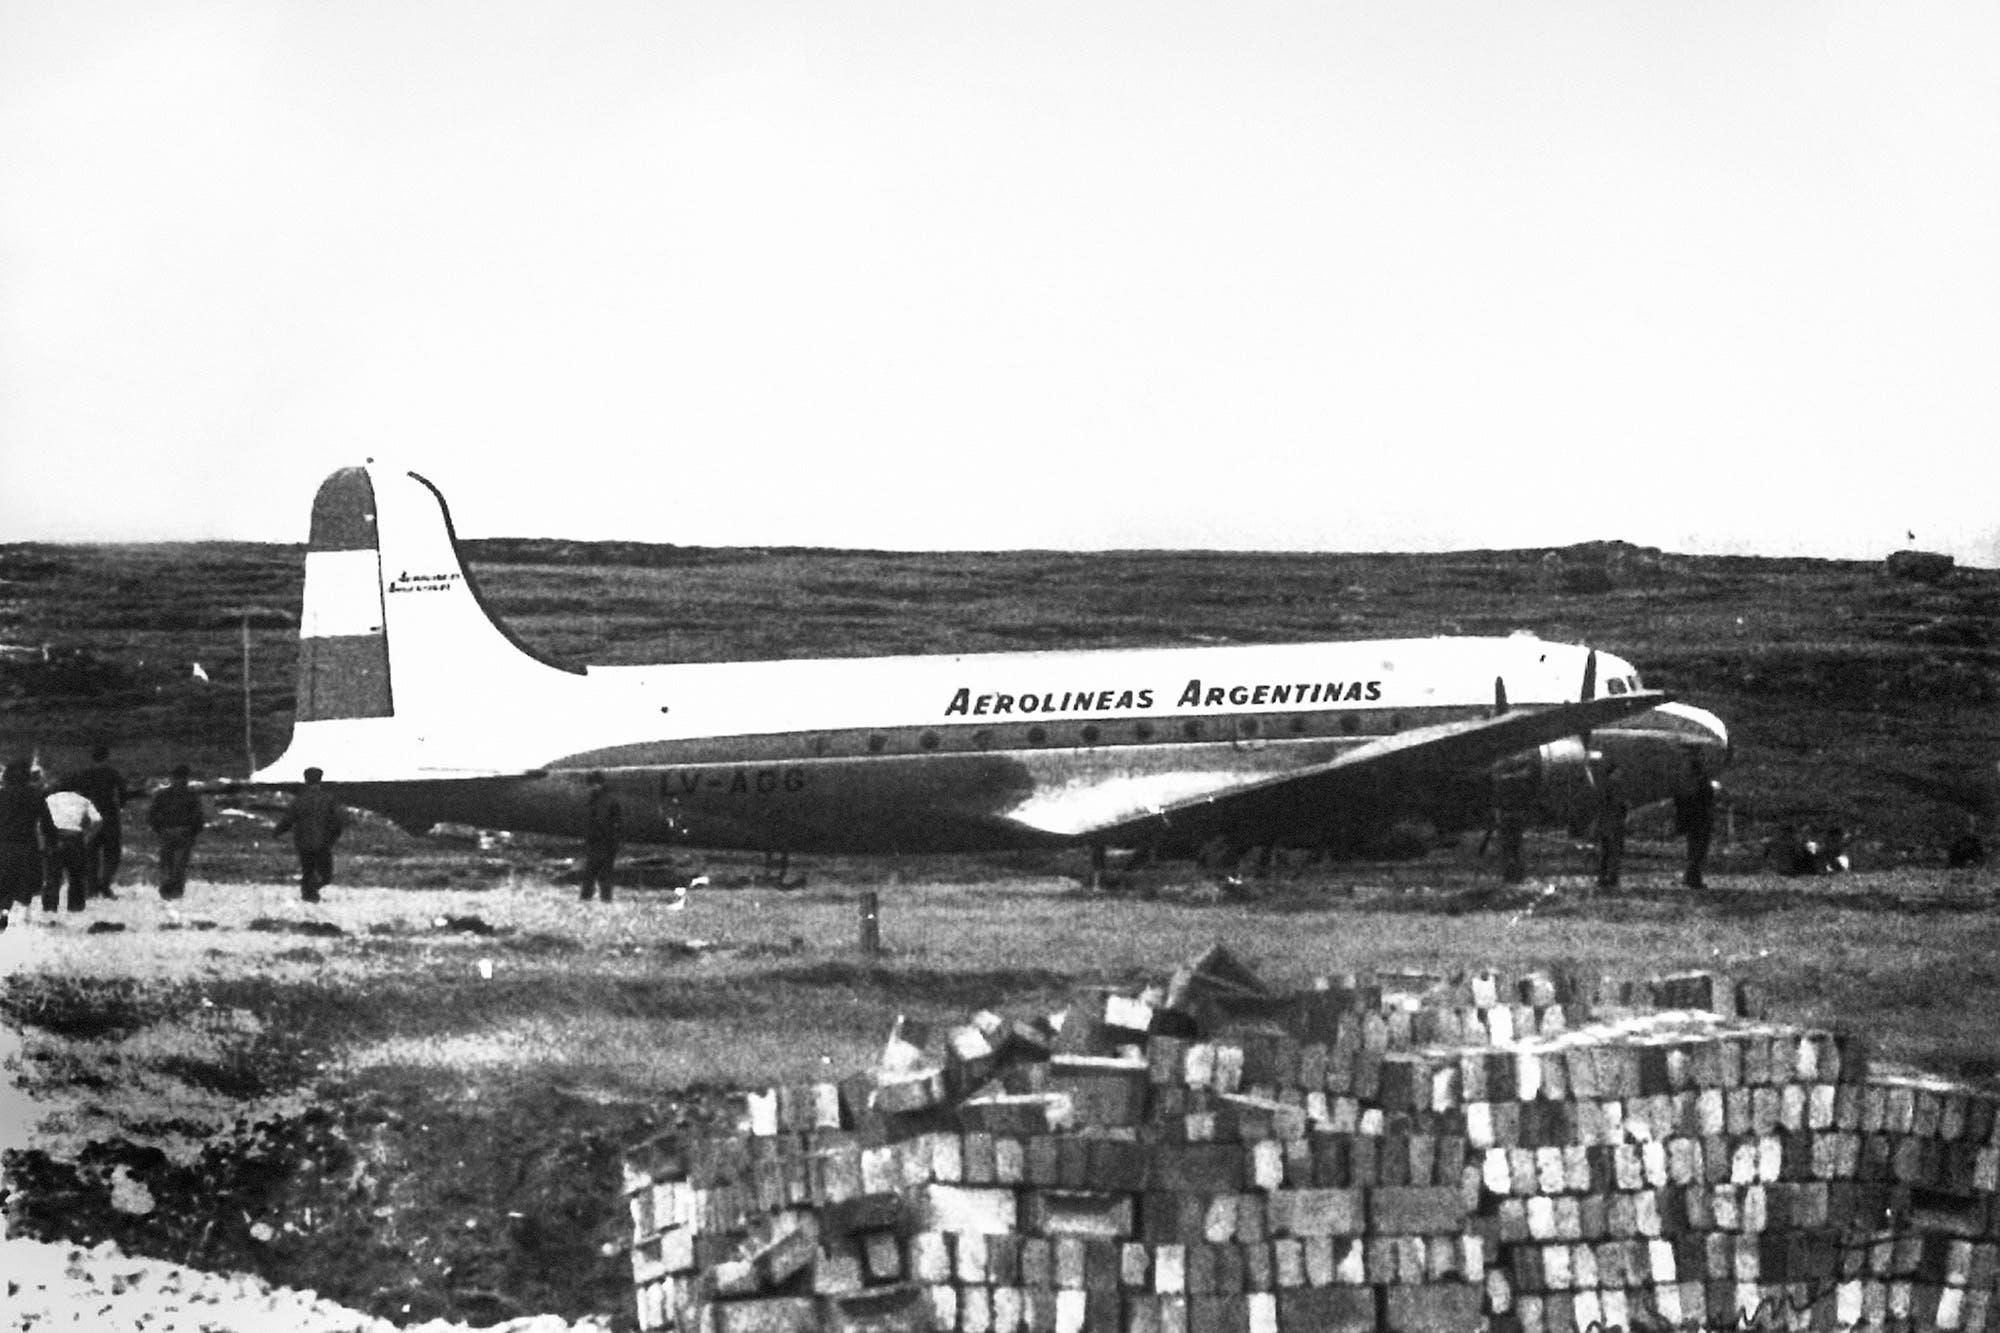 El día que secuestraron un avión y lo llevaron a Malvinas - LA NACION